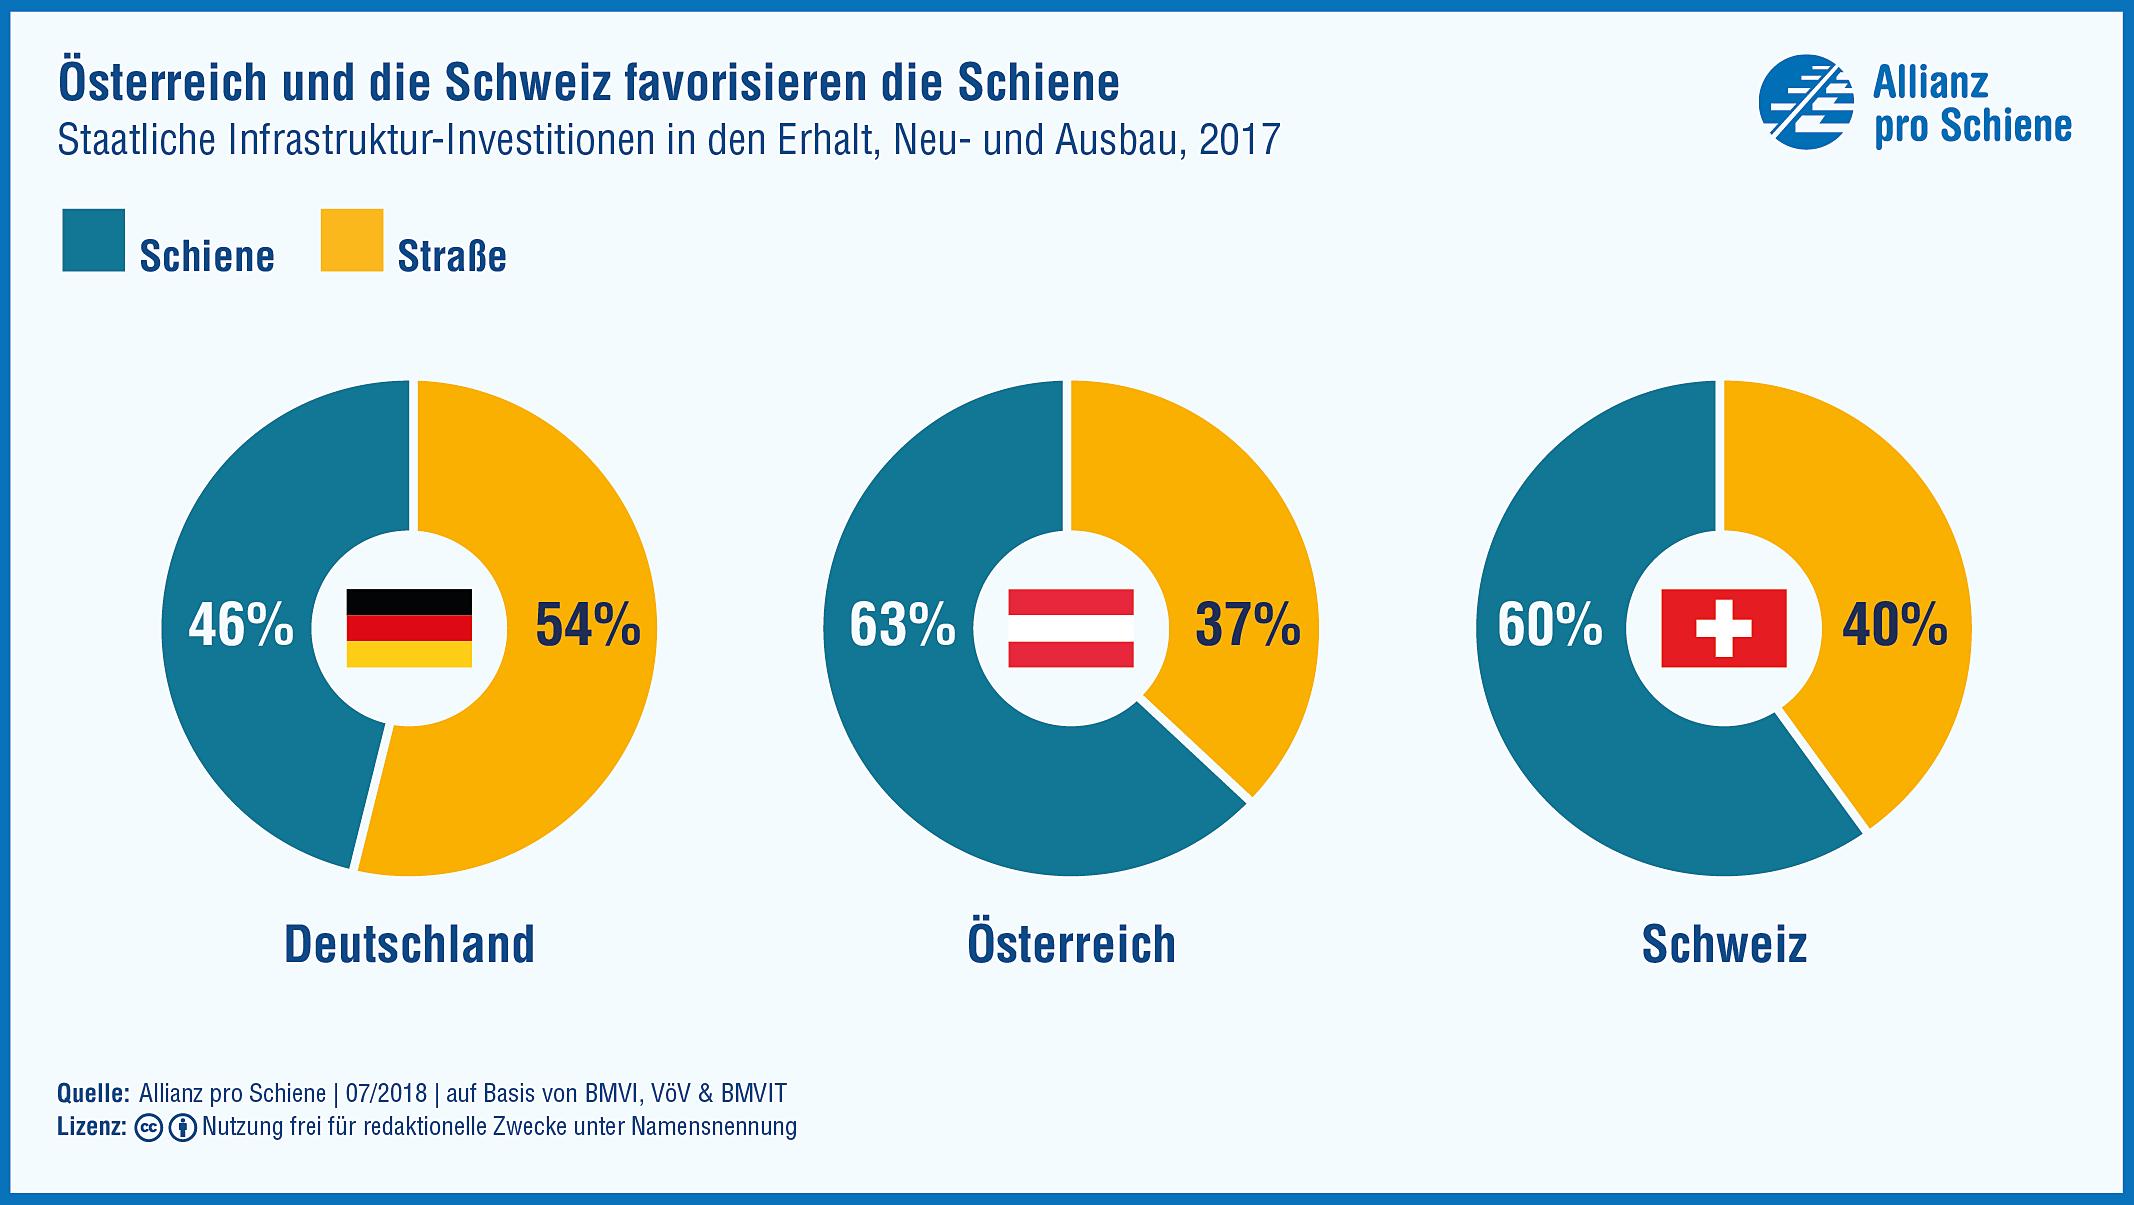 Infografik: Die Schweiz und Österreich investieren mehr Geld in den Schienenverkehr als Deutschland.